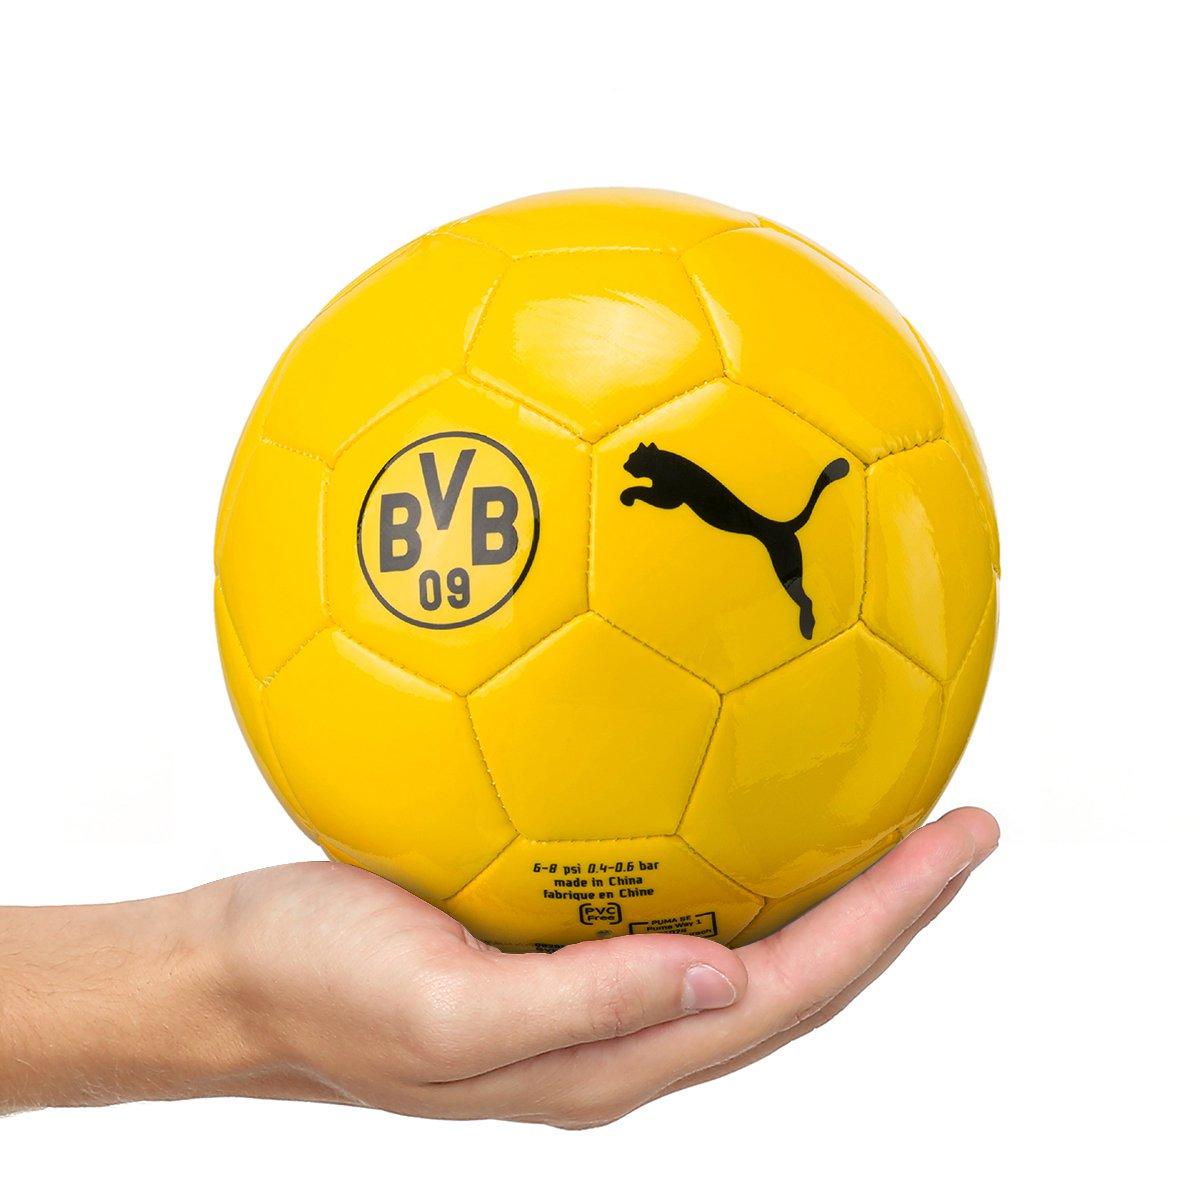 Mini Bola de Futebol Campo Infantil Puma Borussia Dortmund Graphic -  Amarelo - Compre Agora  2c76f628a5